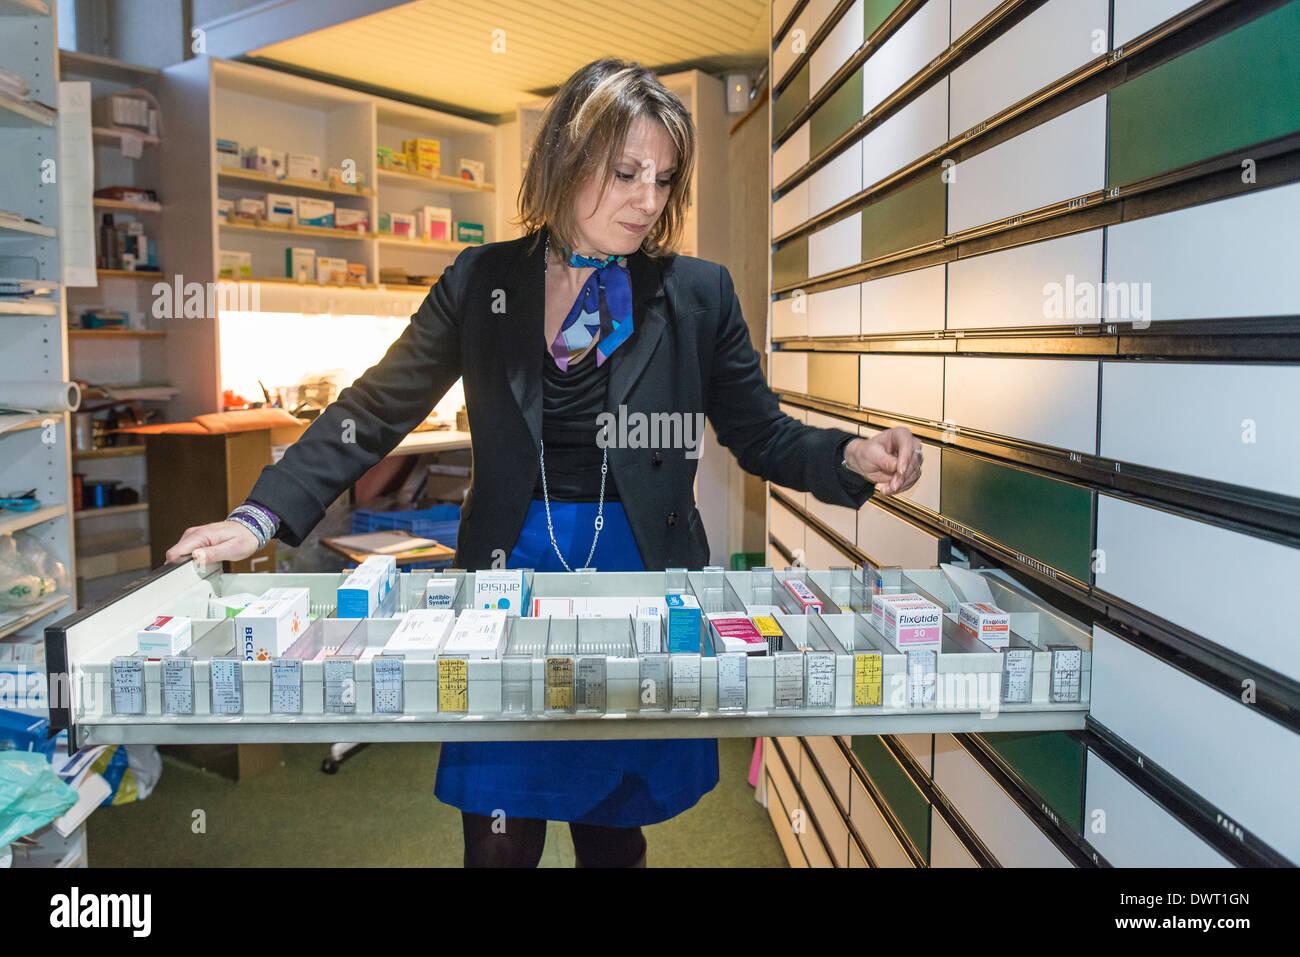 Chemist - Stock Image